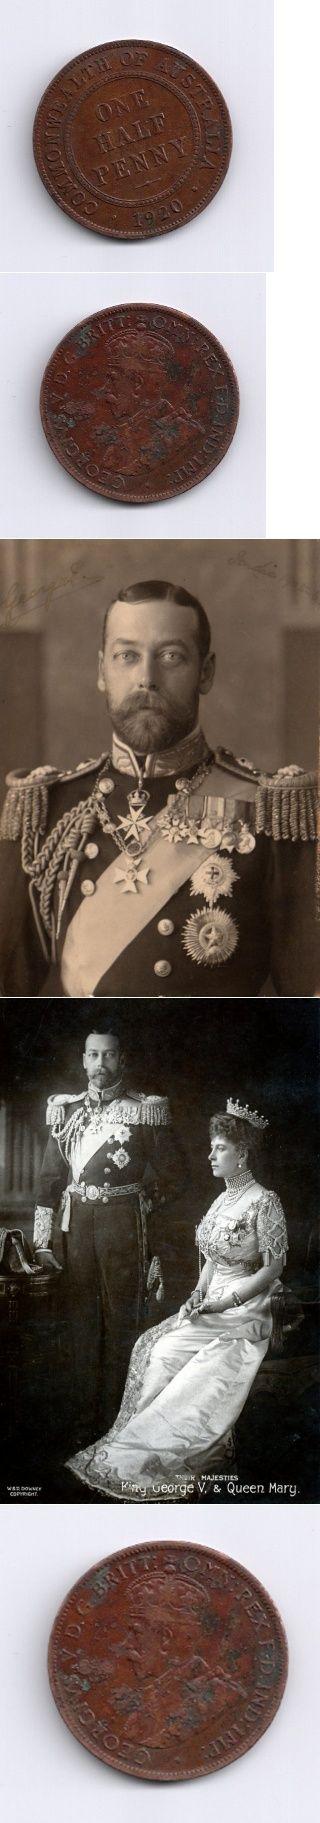 KING GEORGE V 1920